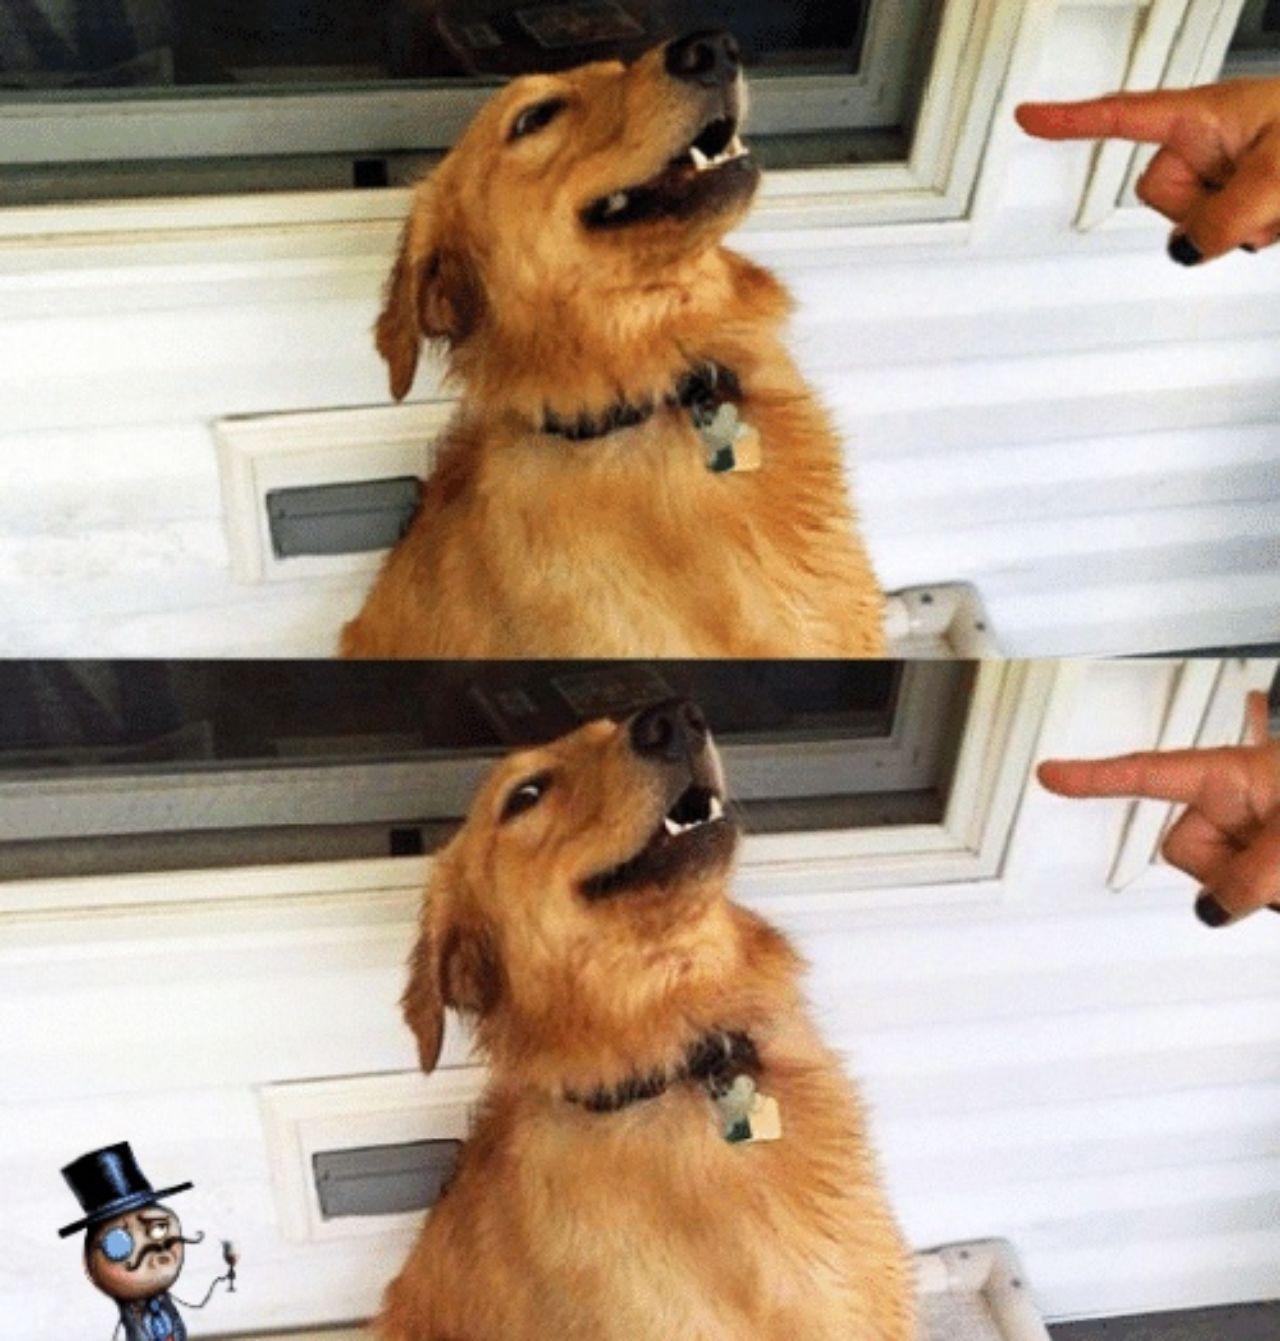 Meme perro siendo reganado dueno